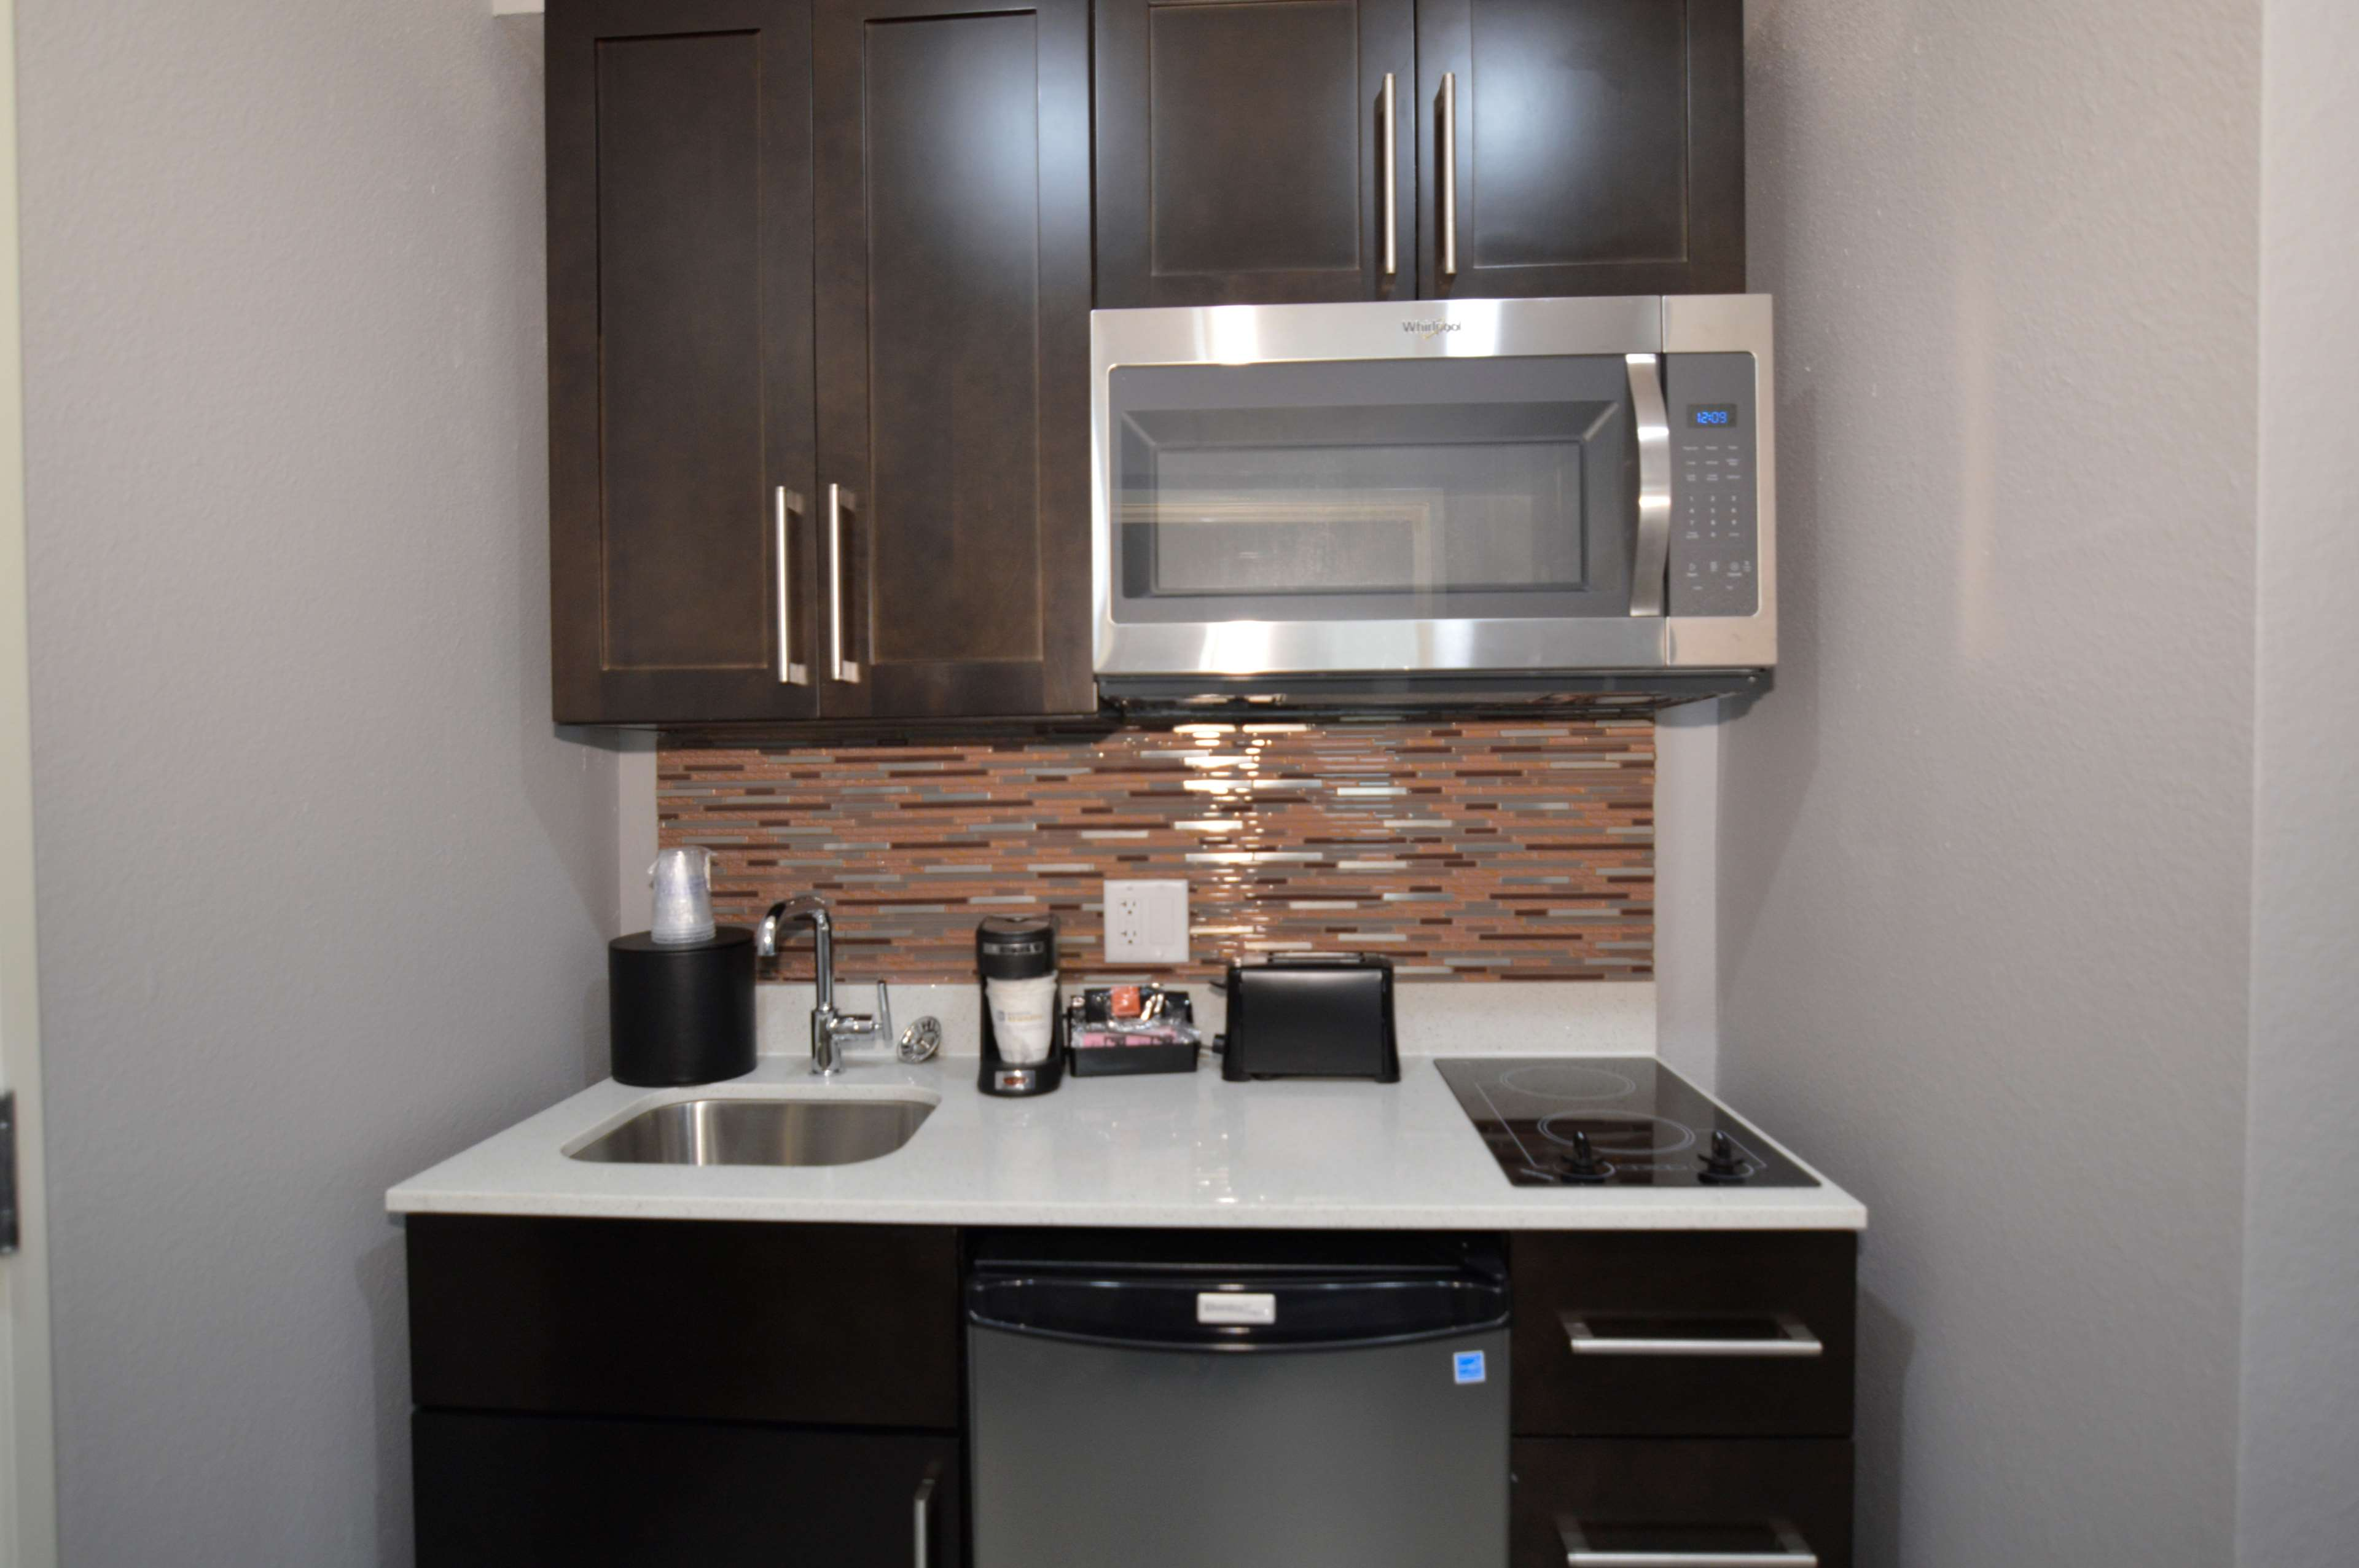 Best Western Plus Executive Residency Baytown image 23